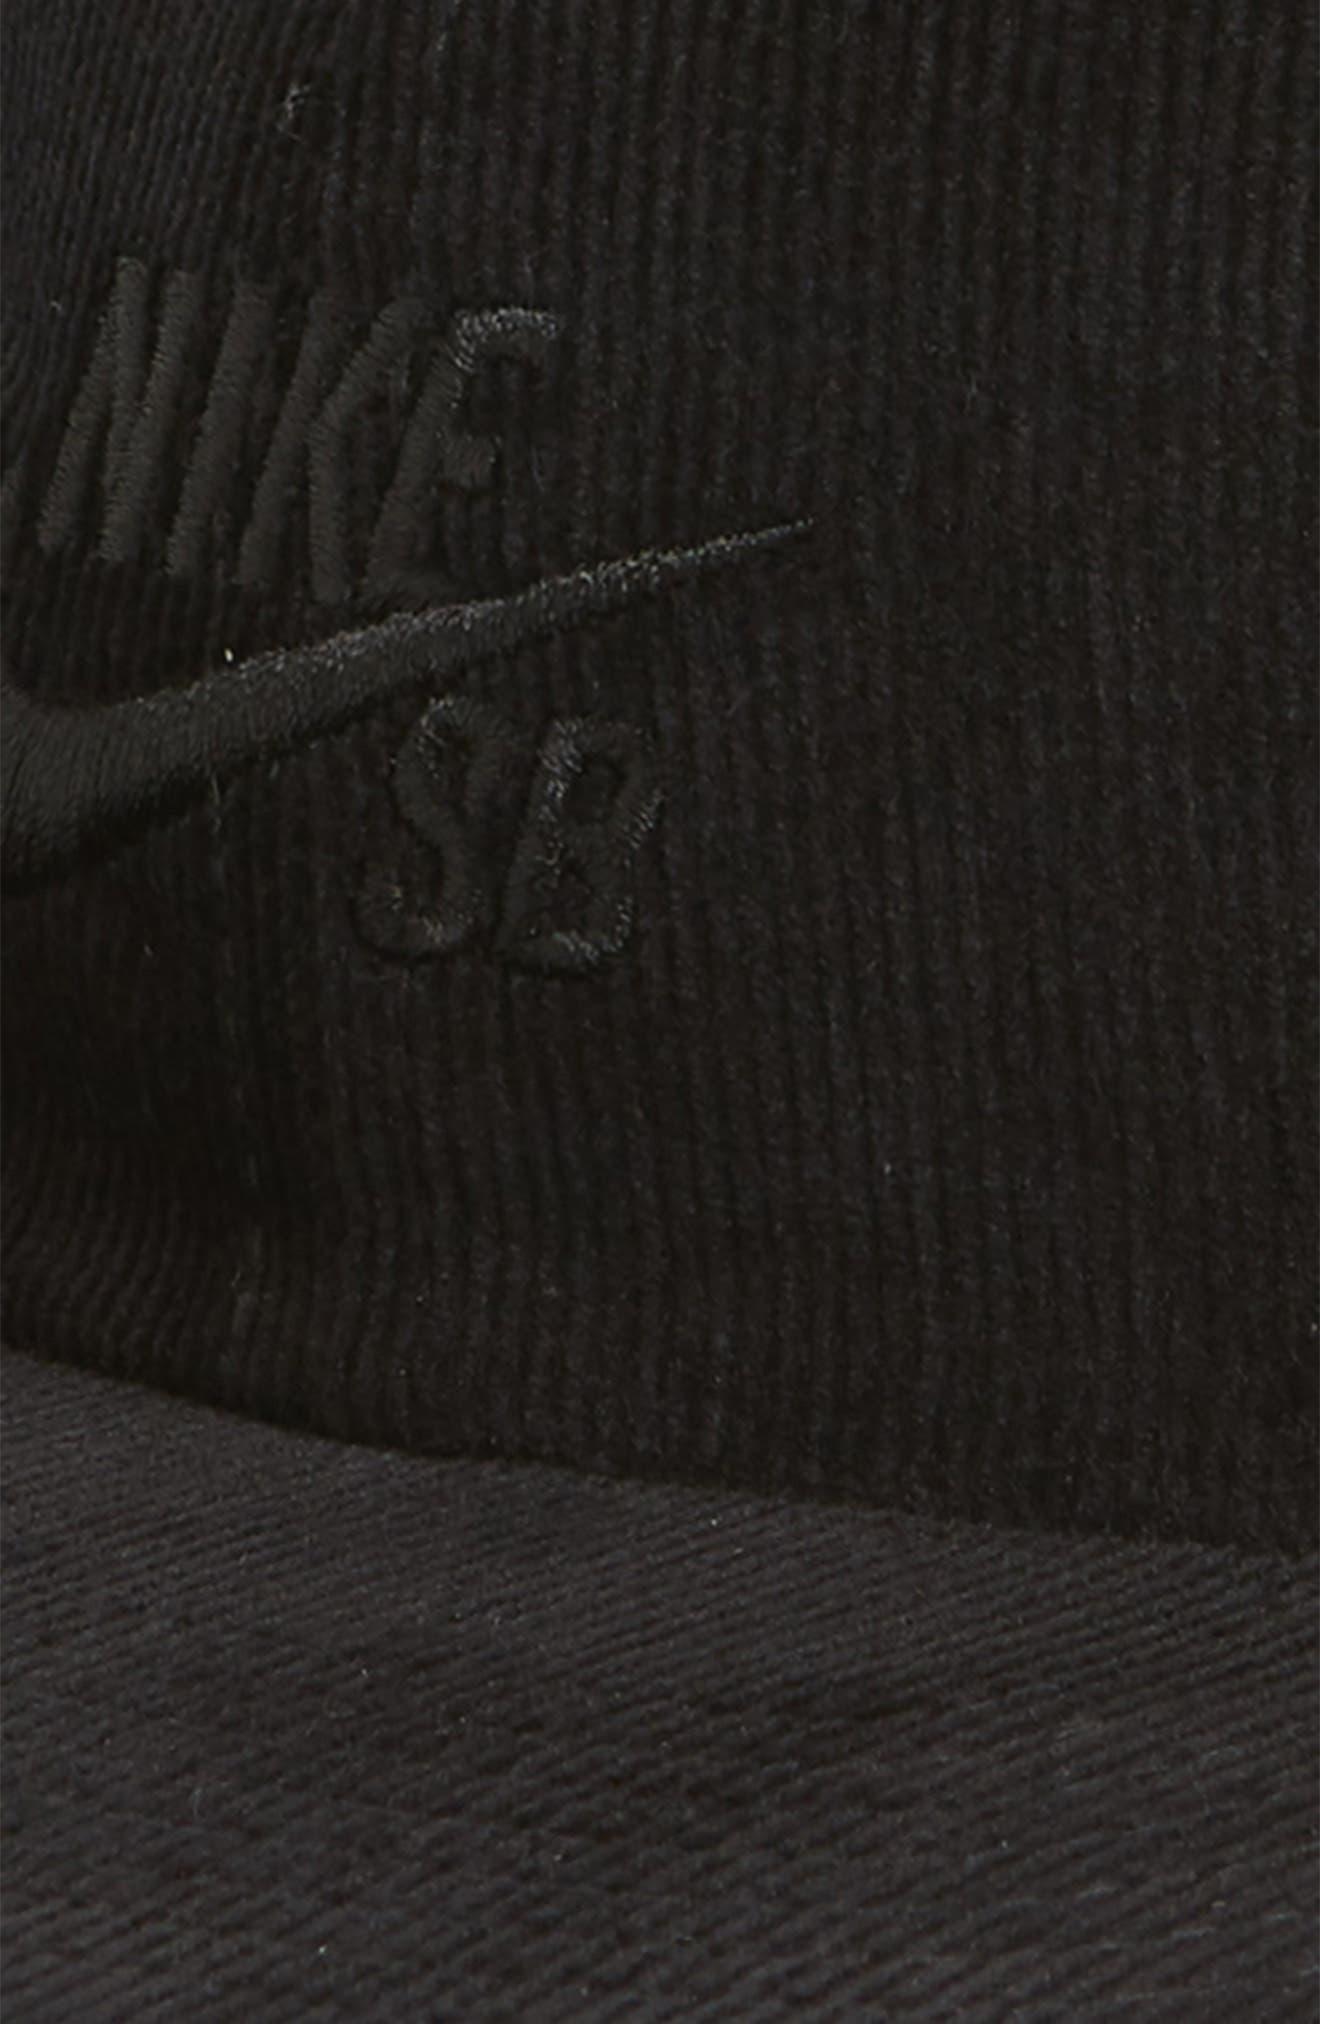 NIKE SB,                             H86 Flatbill Baseball Cap,                             Alternate thumbnail 3, color,                             BLACK/ BLACK